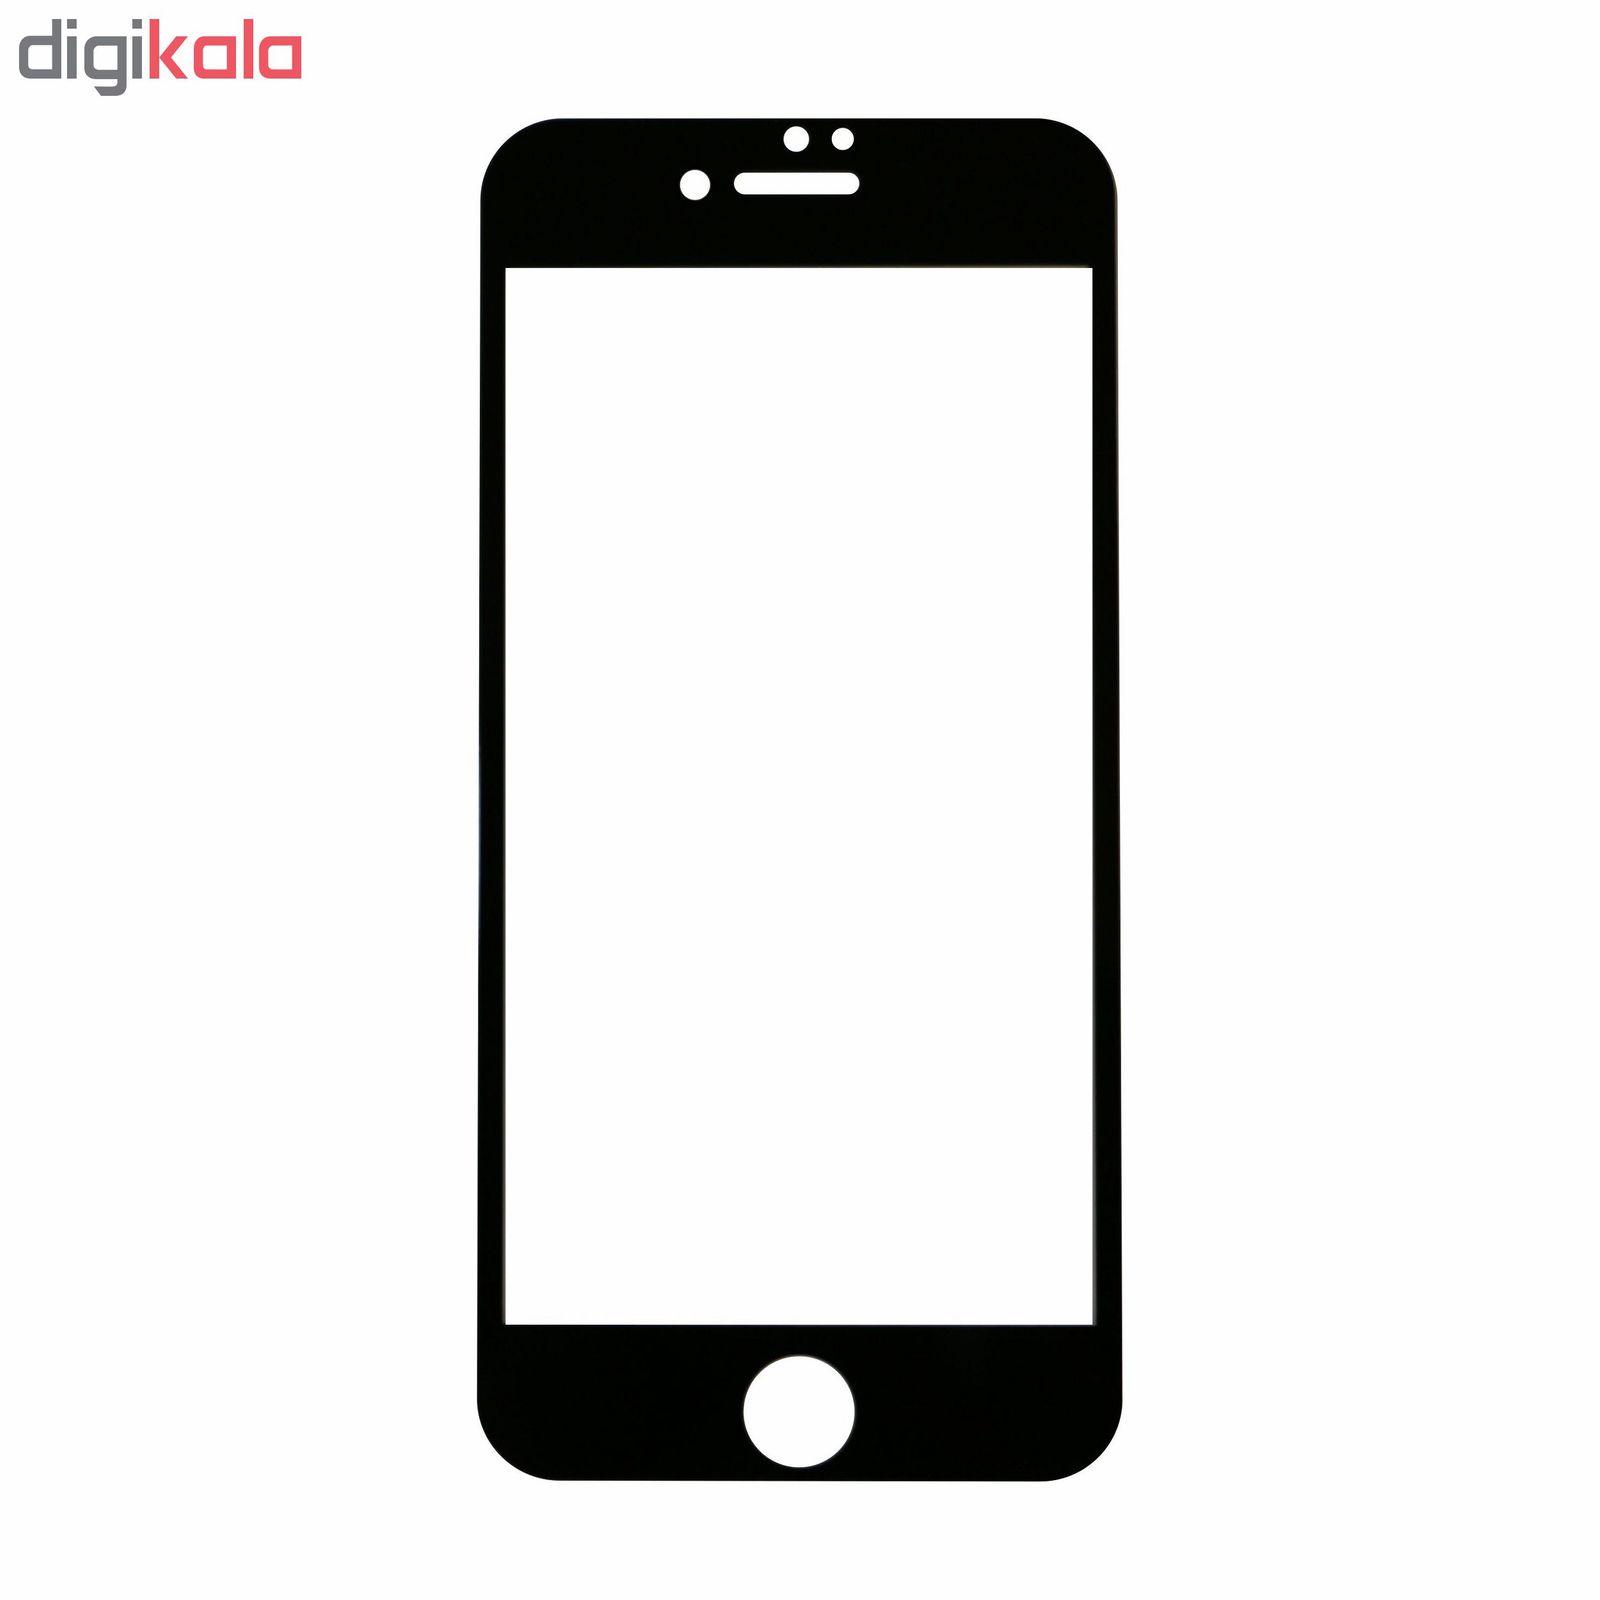 محافظ صفحه نمایش 5D مدل iPG8P01 مناسب  برای گوشی موبایل اپل IPhone 7 plus/8 plus  main 1 1